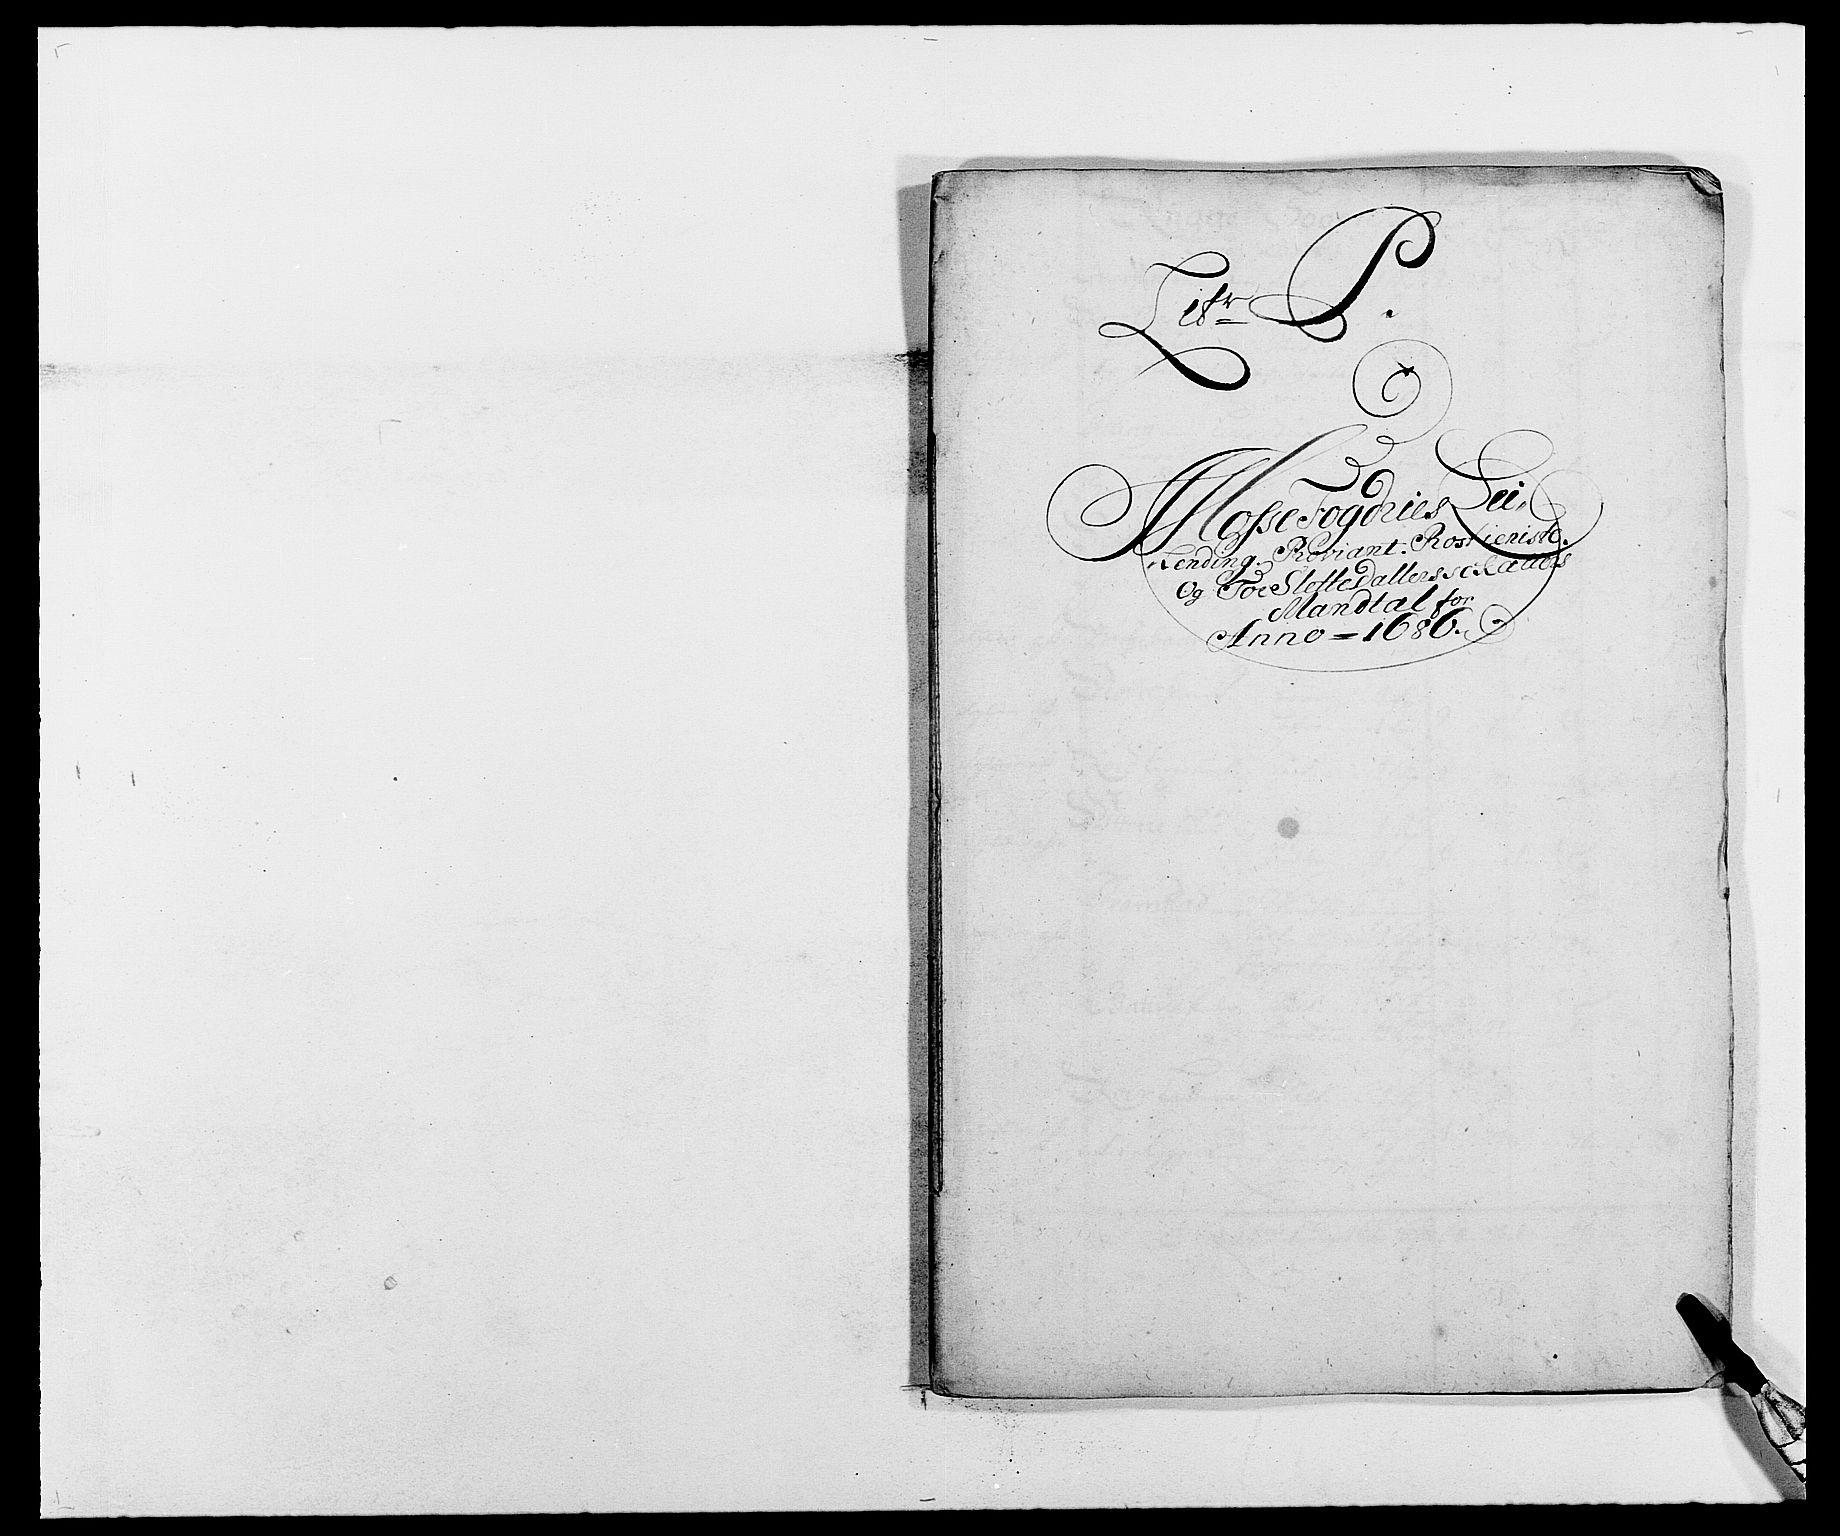 RA, Rentekammeret inntil 1814, Reviderte regnskaper, Fogderegnskap, R02/L0105: Fogderegnskap Moss og Verne kloster, 1685-1687, s. 180